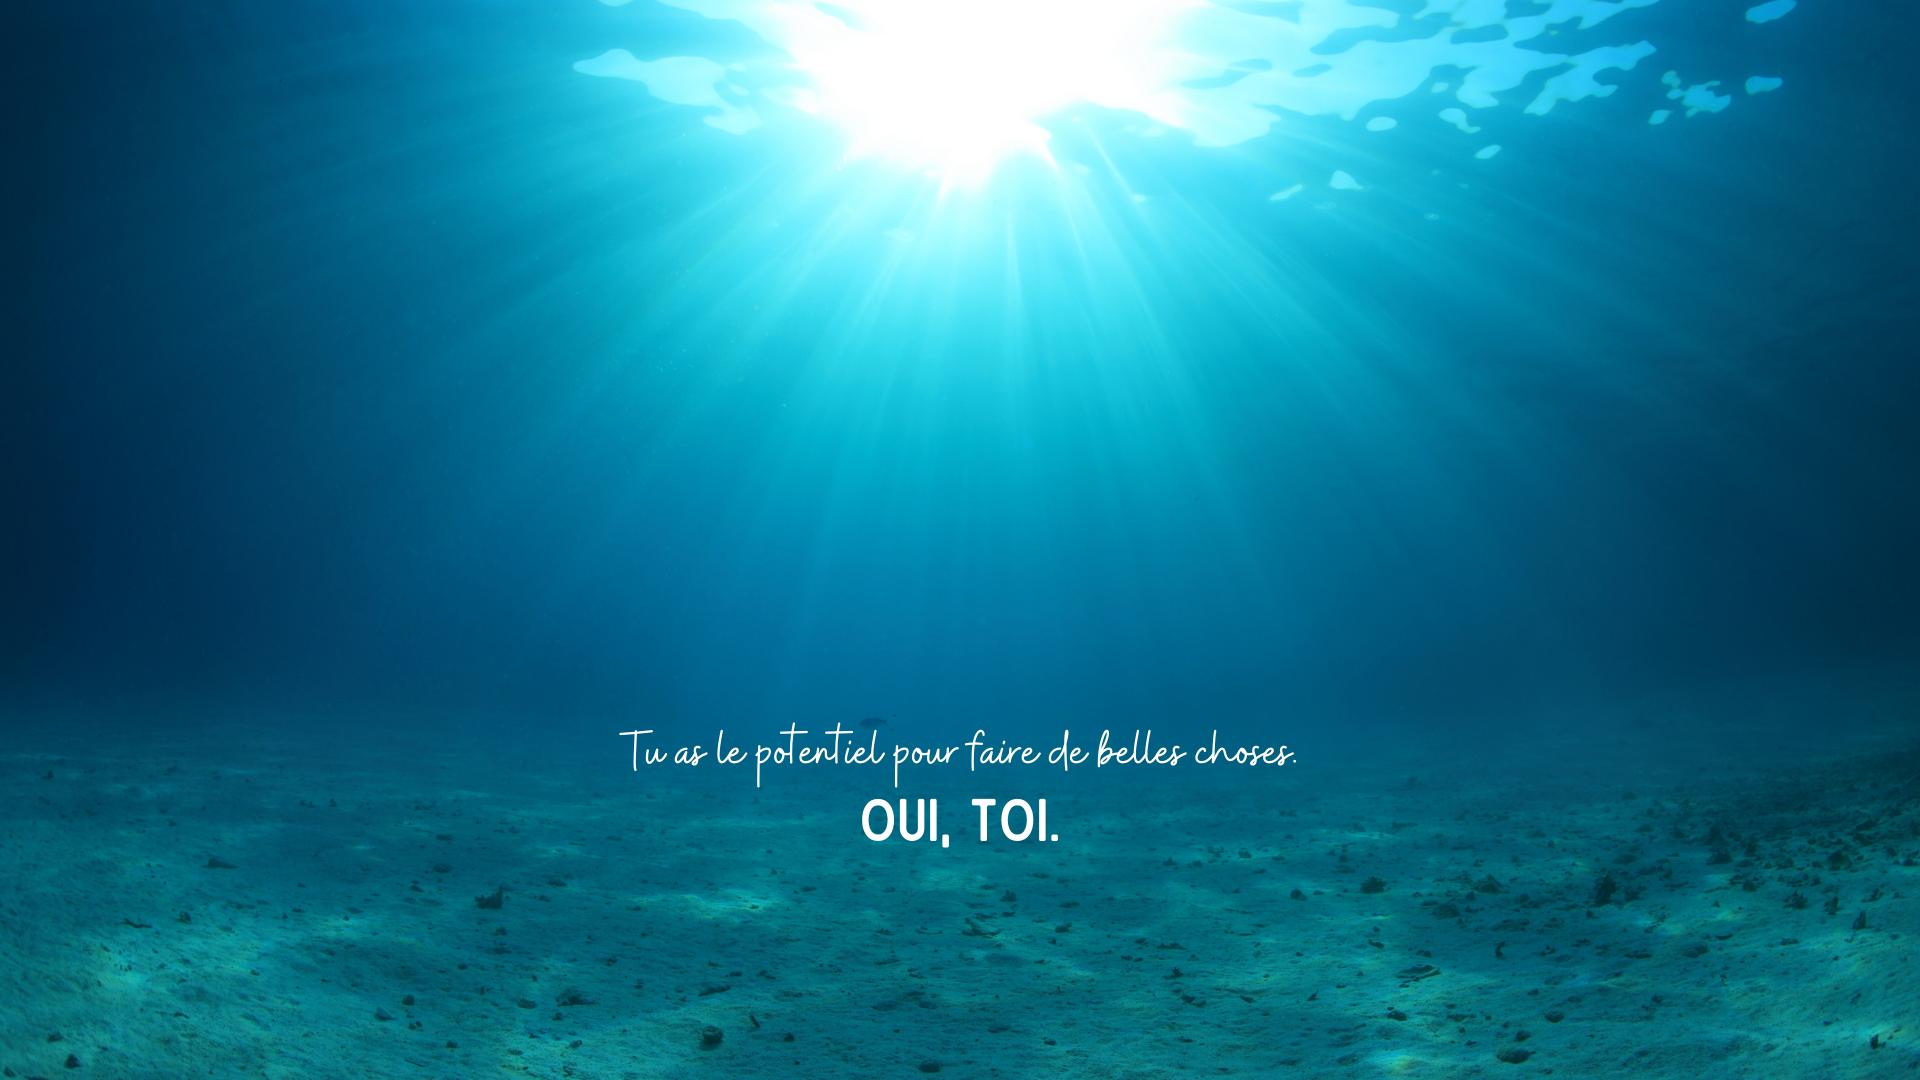 Fond ecran ete sous ocean phrase de motivation